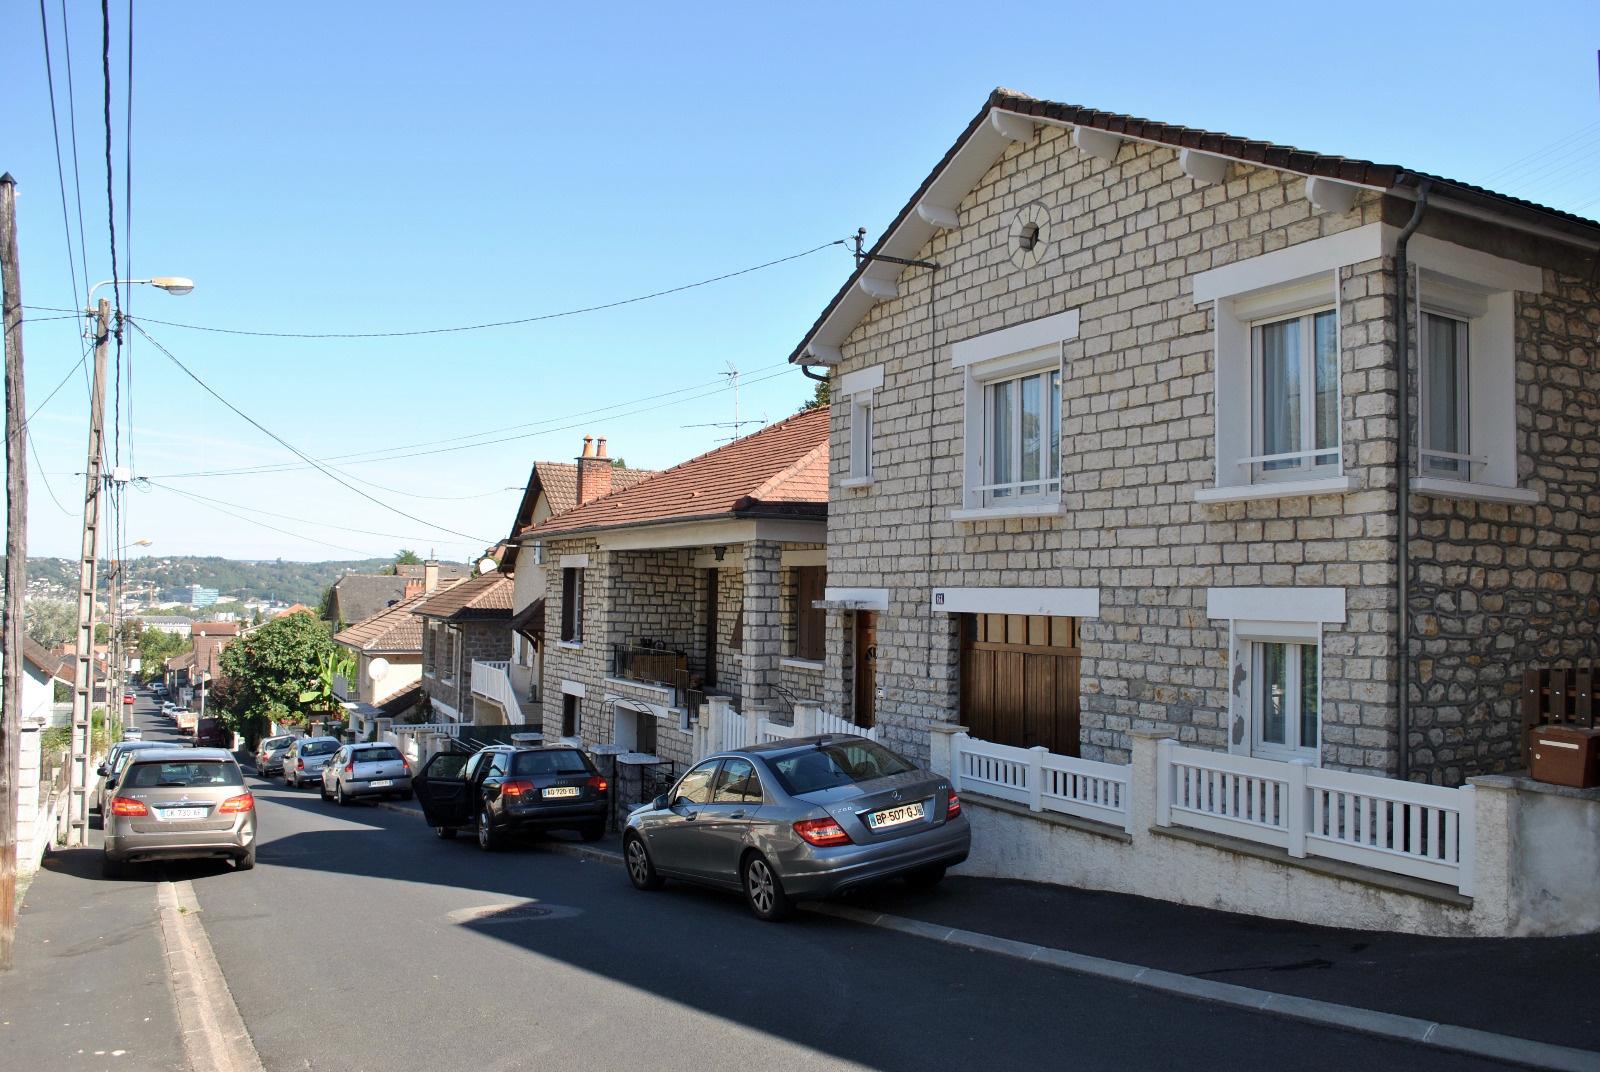 Vente brive maison sans travaux 3 chambres garage terrasse et terrain - Prix maison sans terrain ...